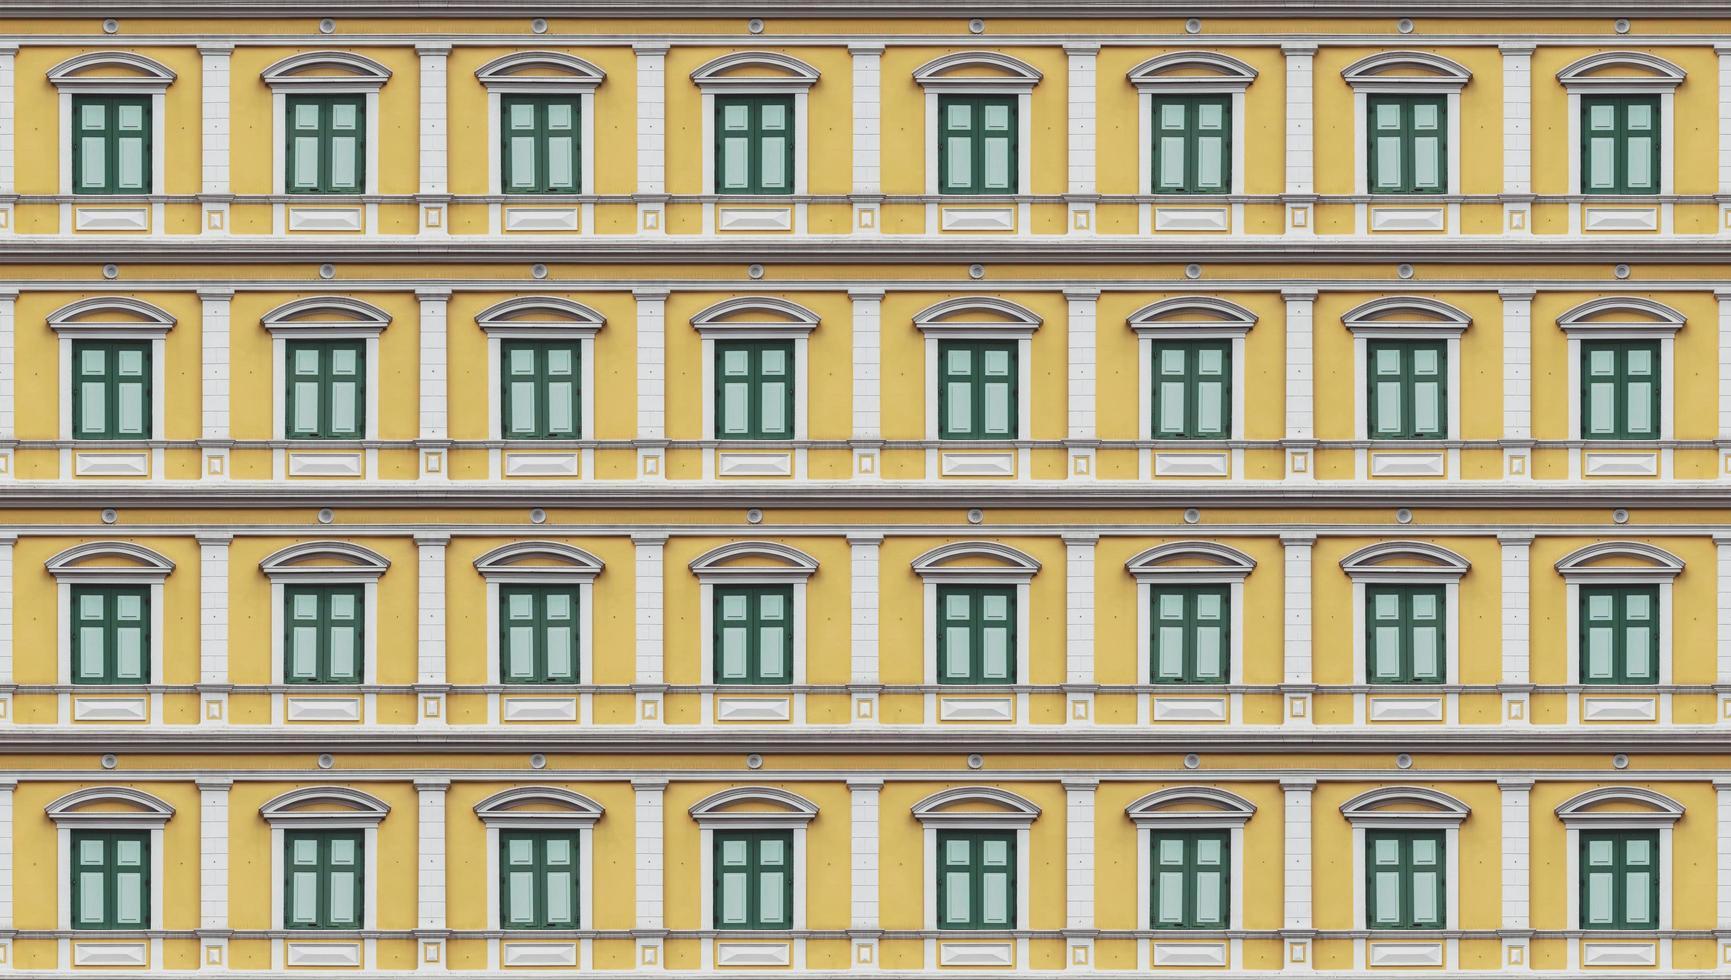 sfondo texture vintage windows foto